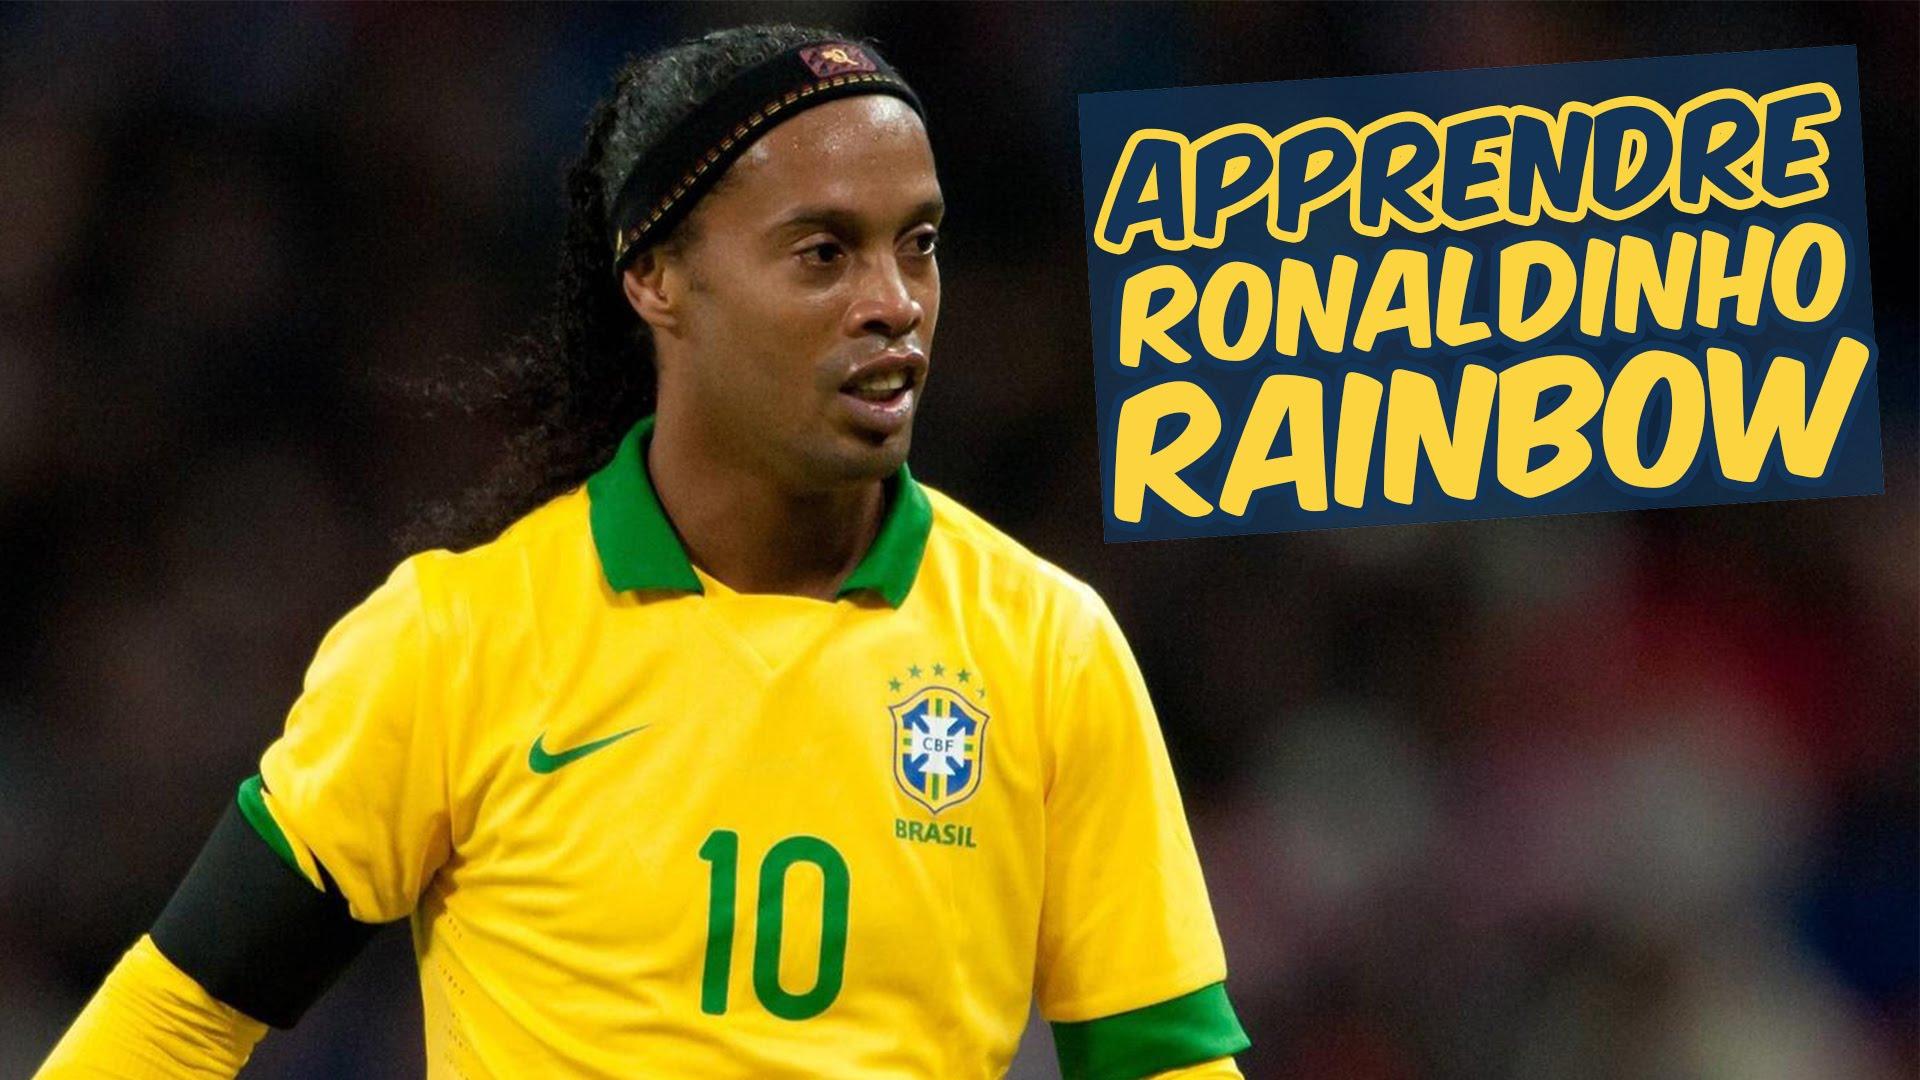 Ronaldinho rainbow